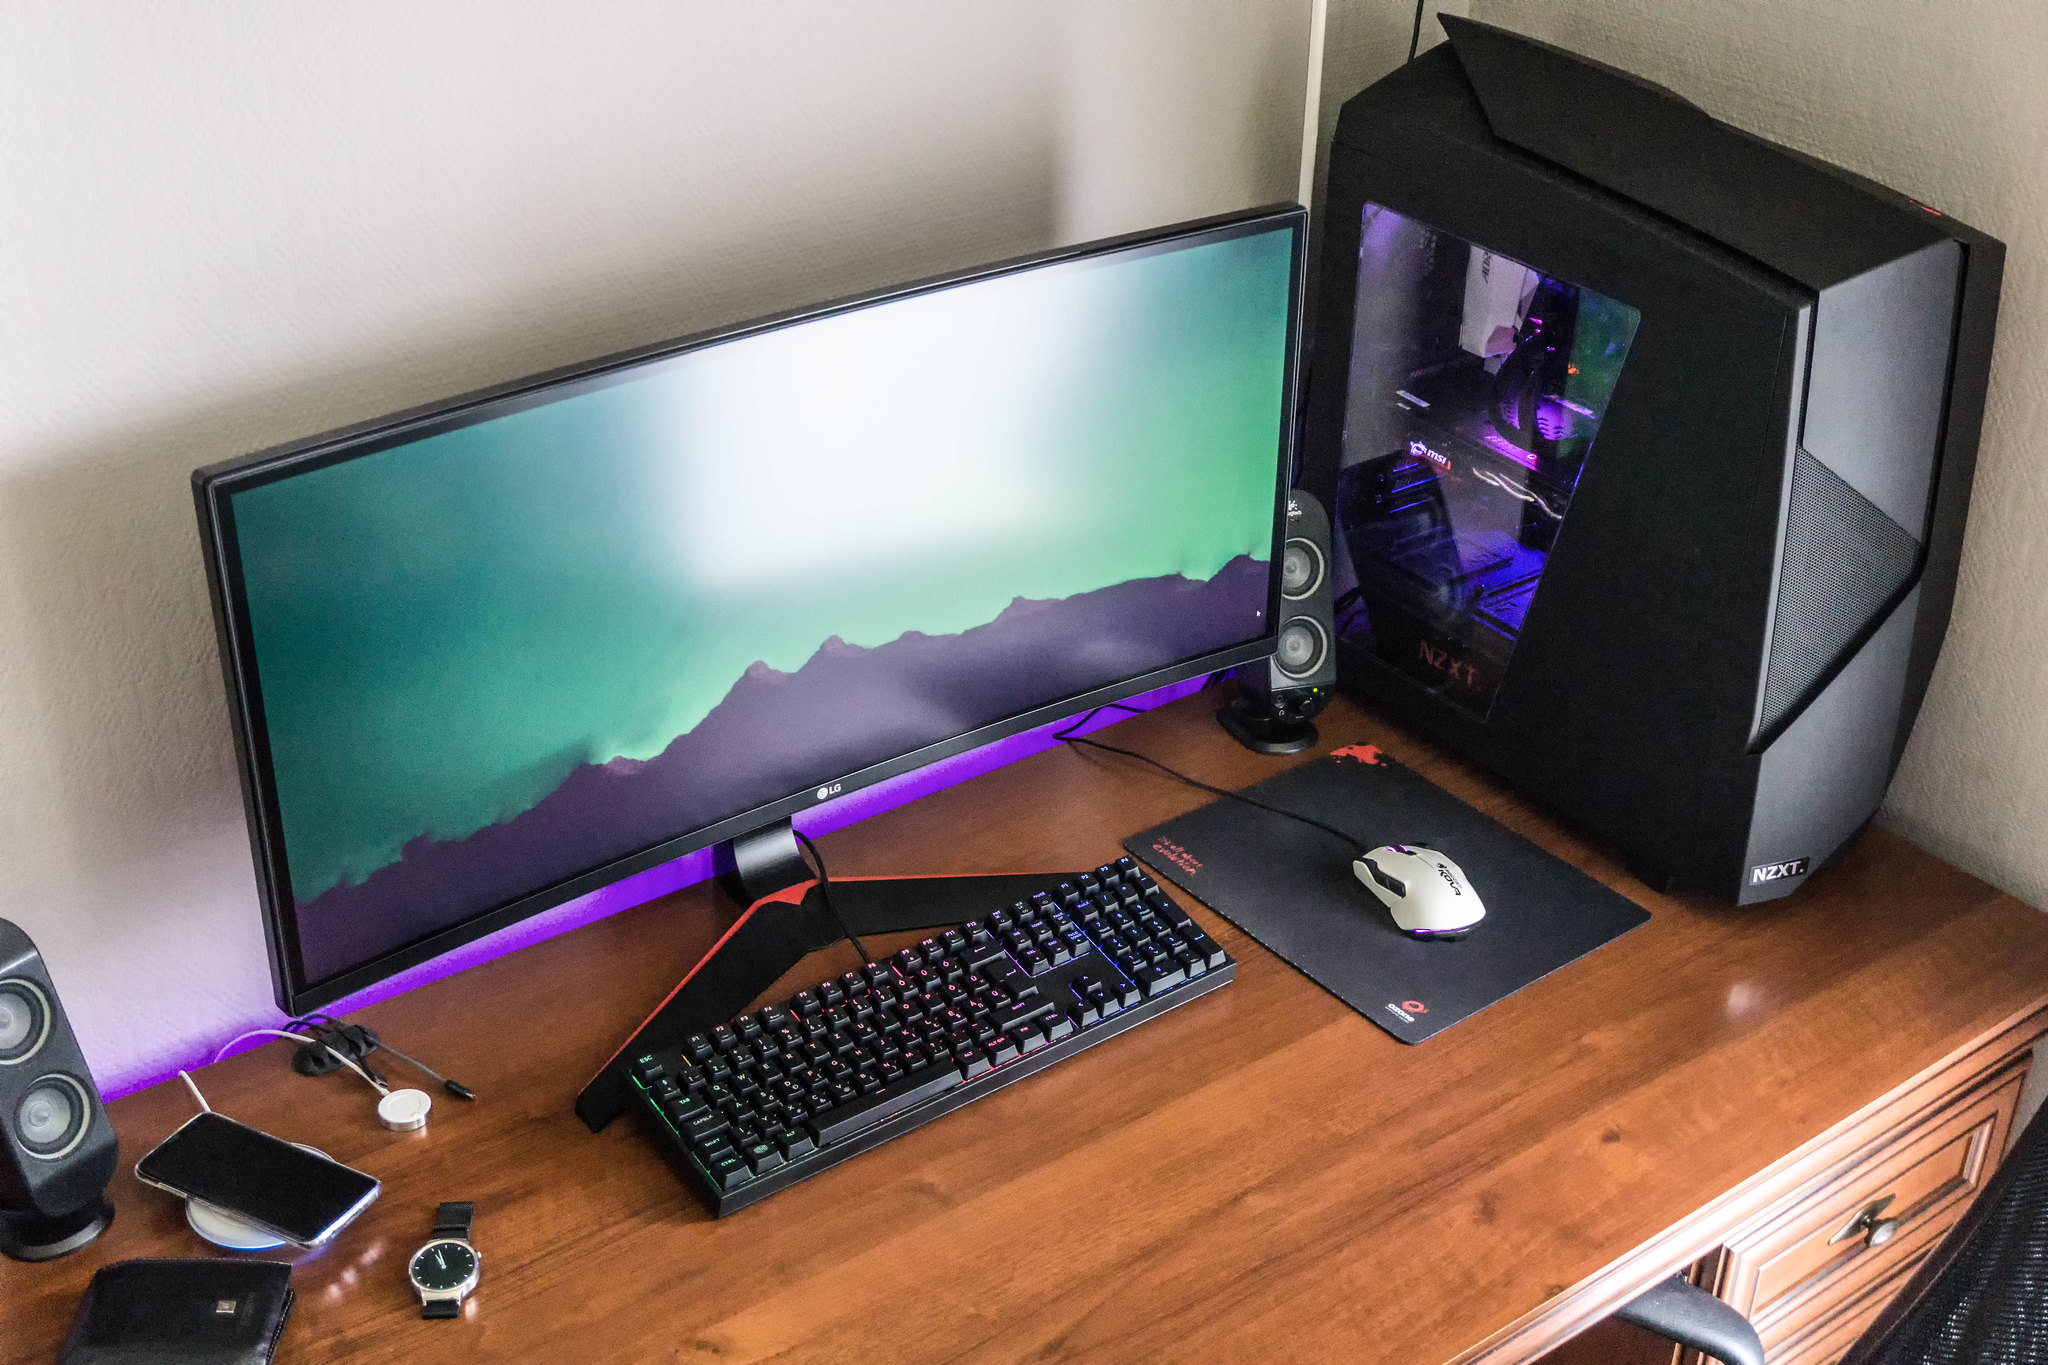 PC last build